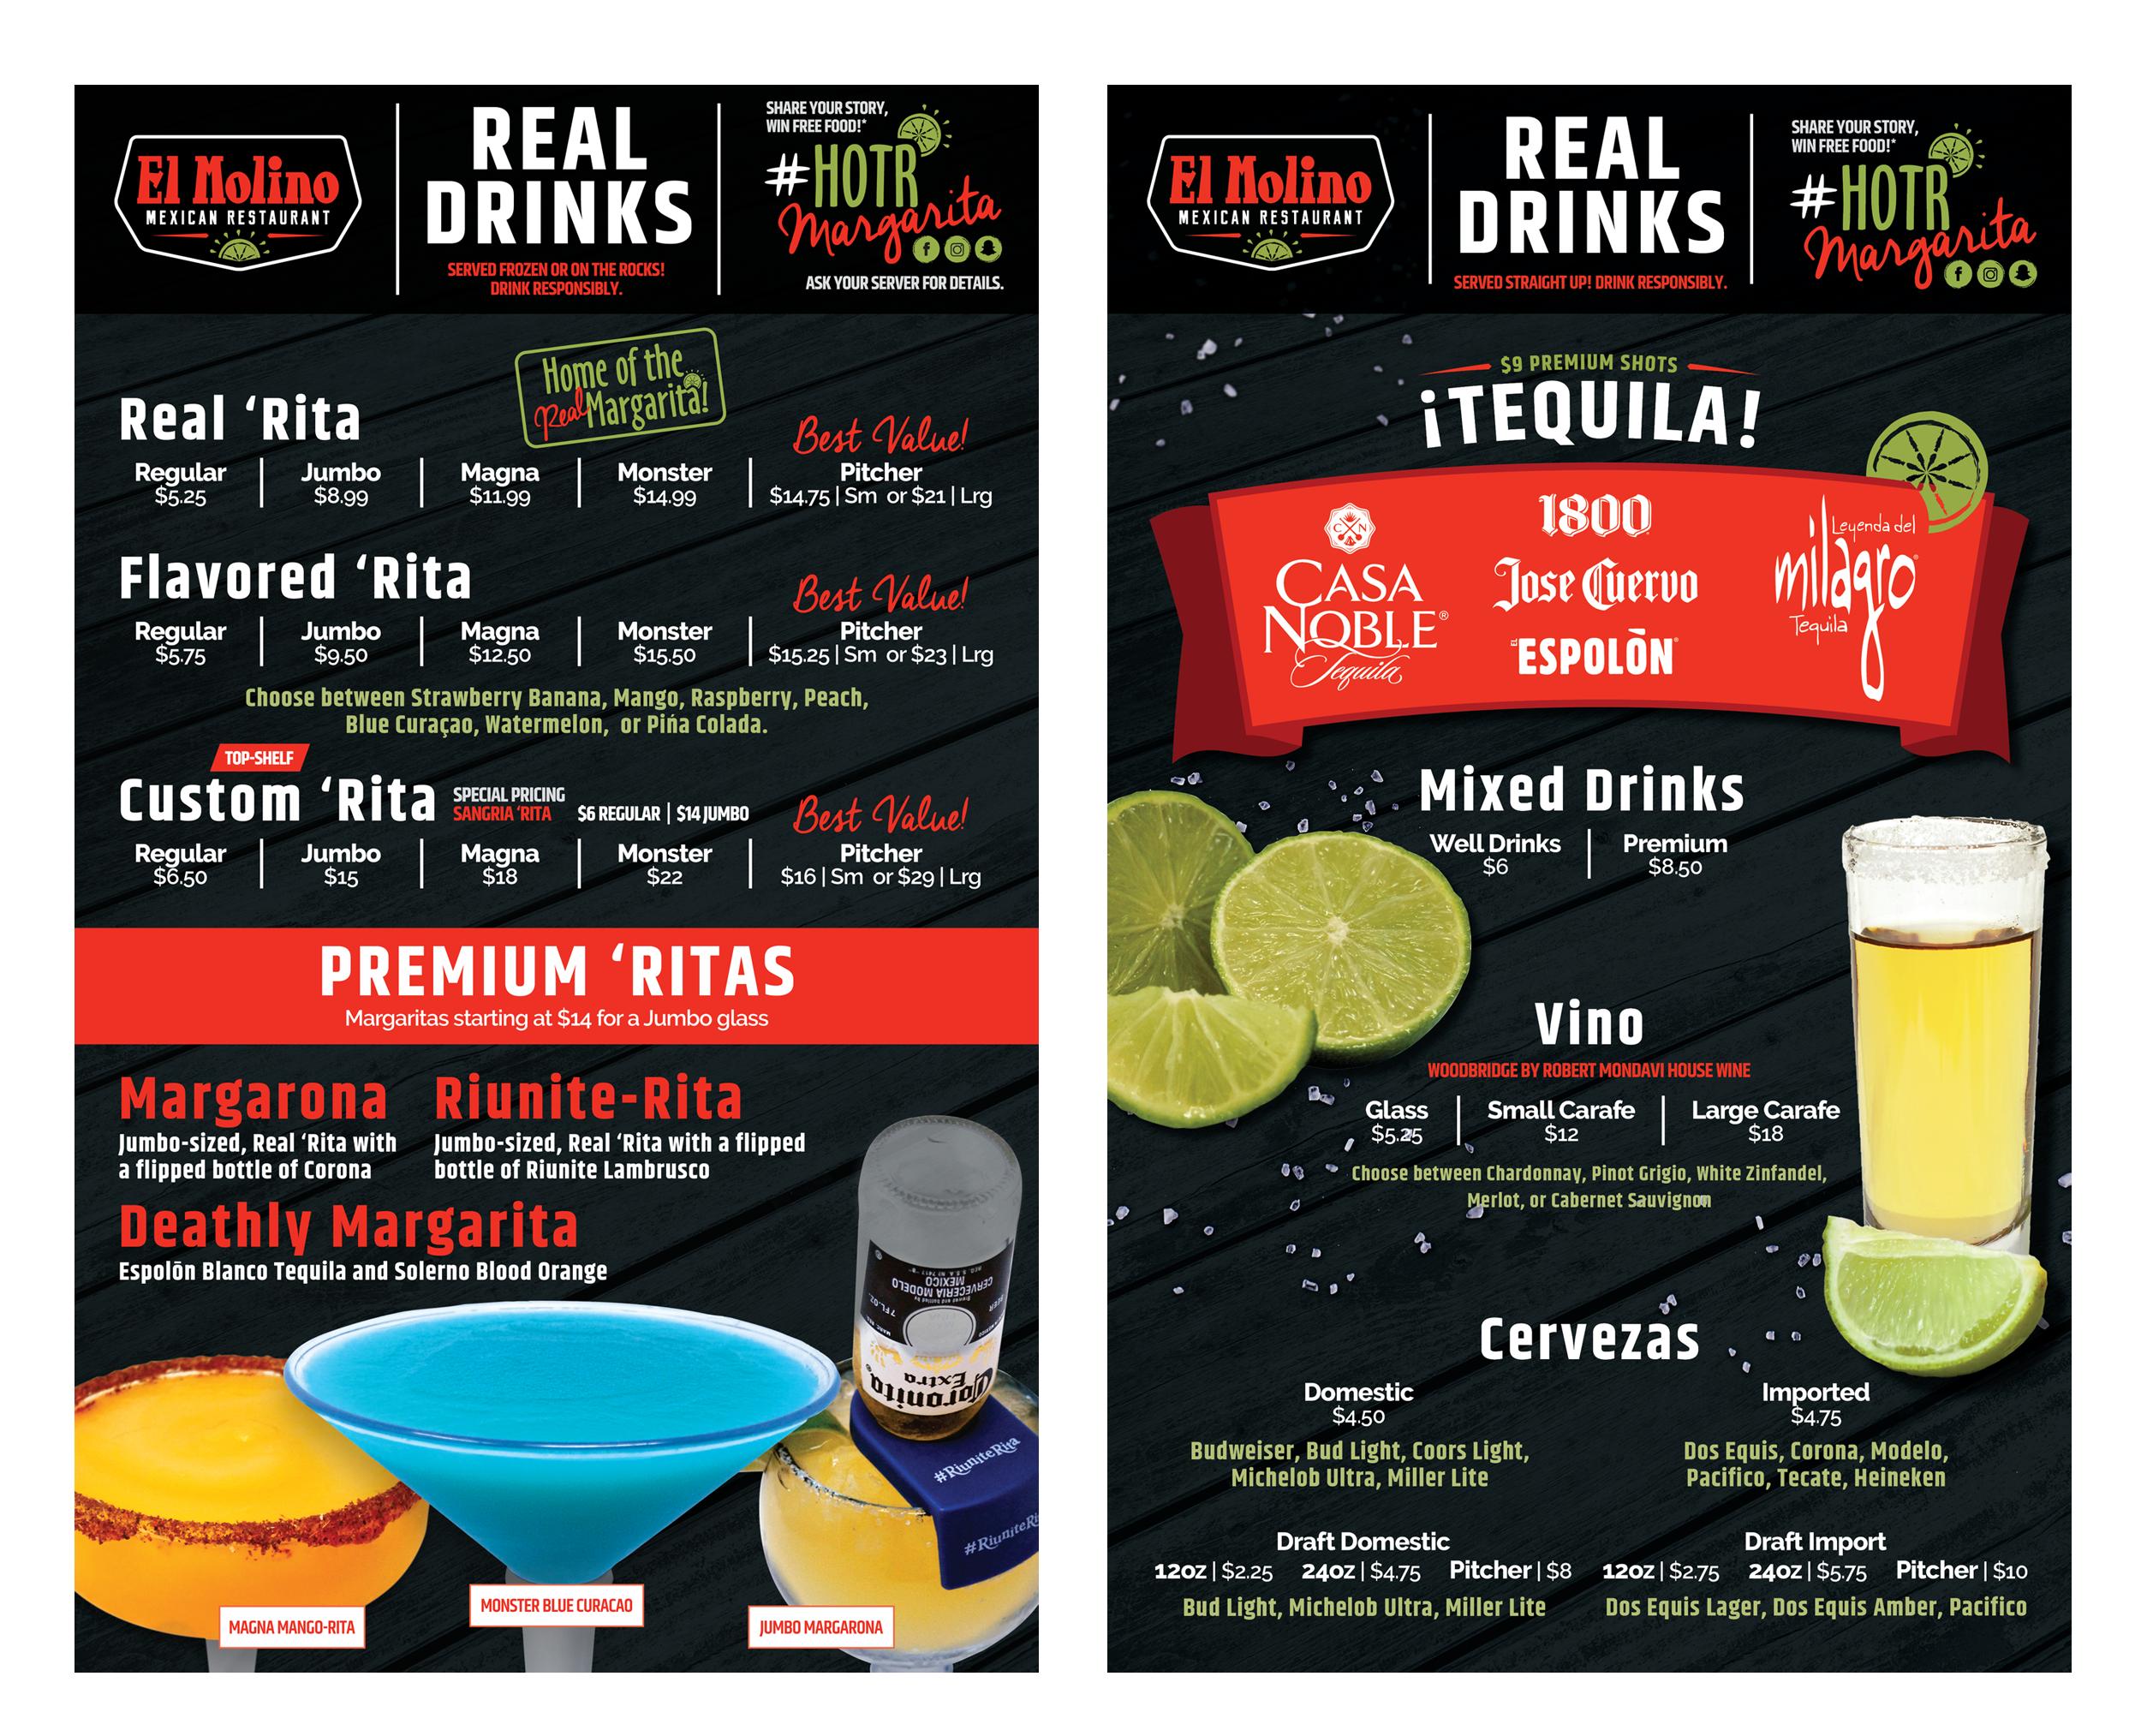 El-Molilno_Drink-Menu-Design_Food-Photography_Print-Design_Dreamcapture_Memphis-TN